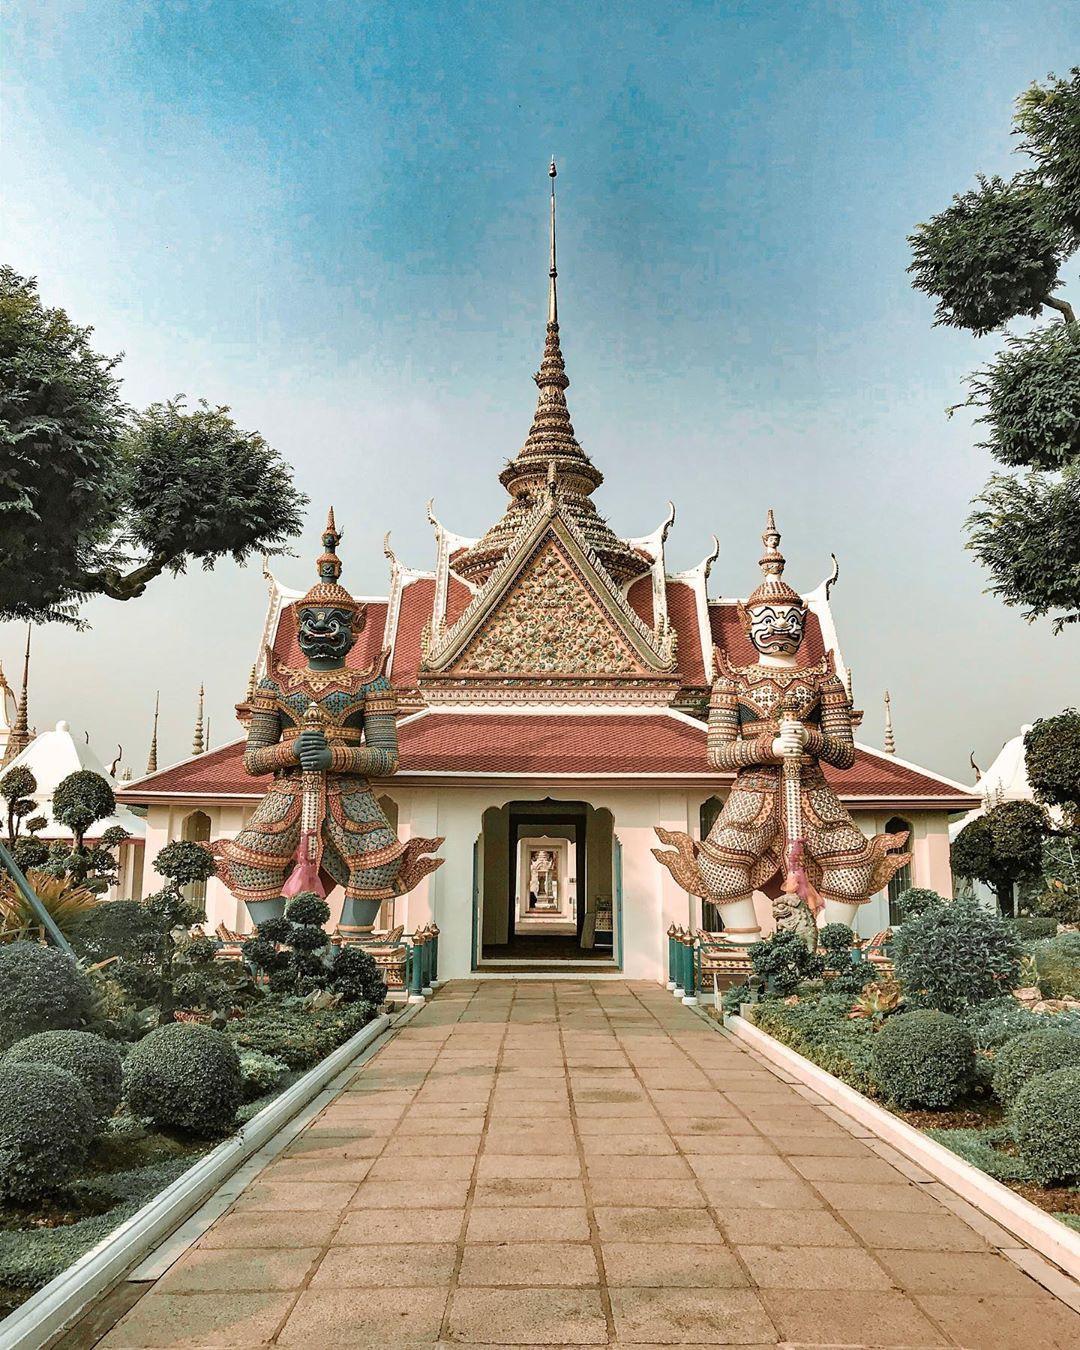 Đến Bangkok nhất định phải ghé thăm 3 cung điện siêu thực này - Ảnh 6.